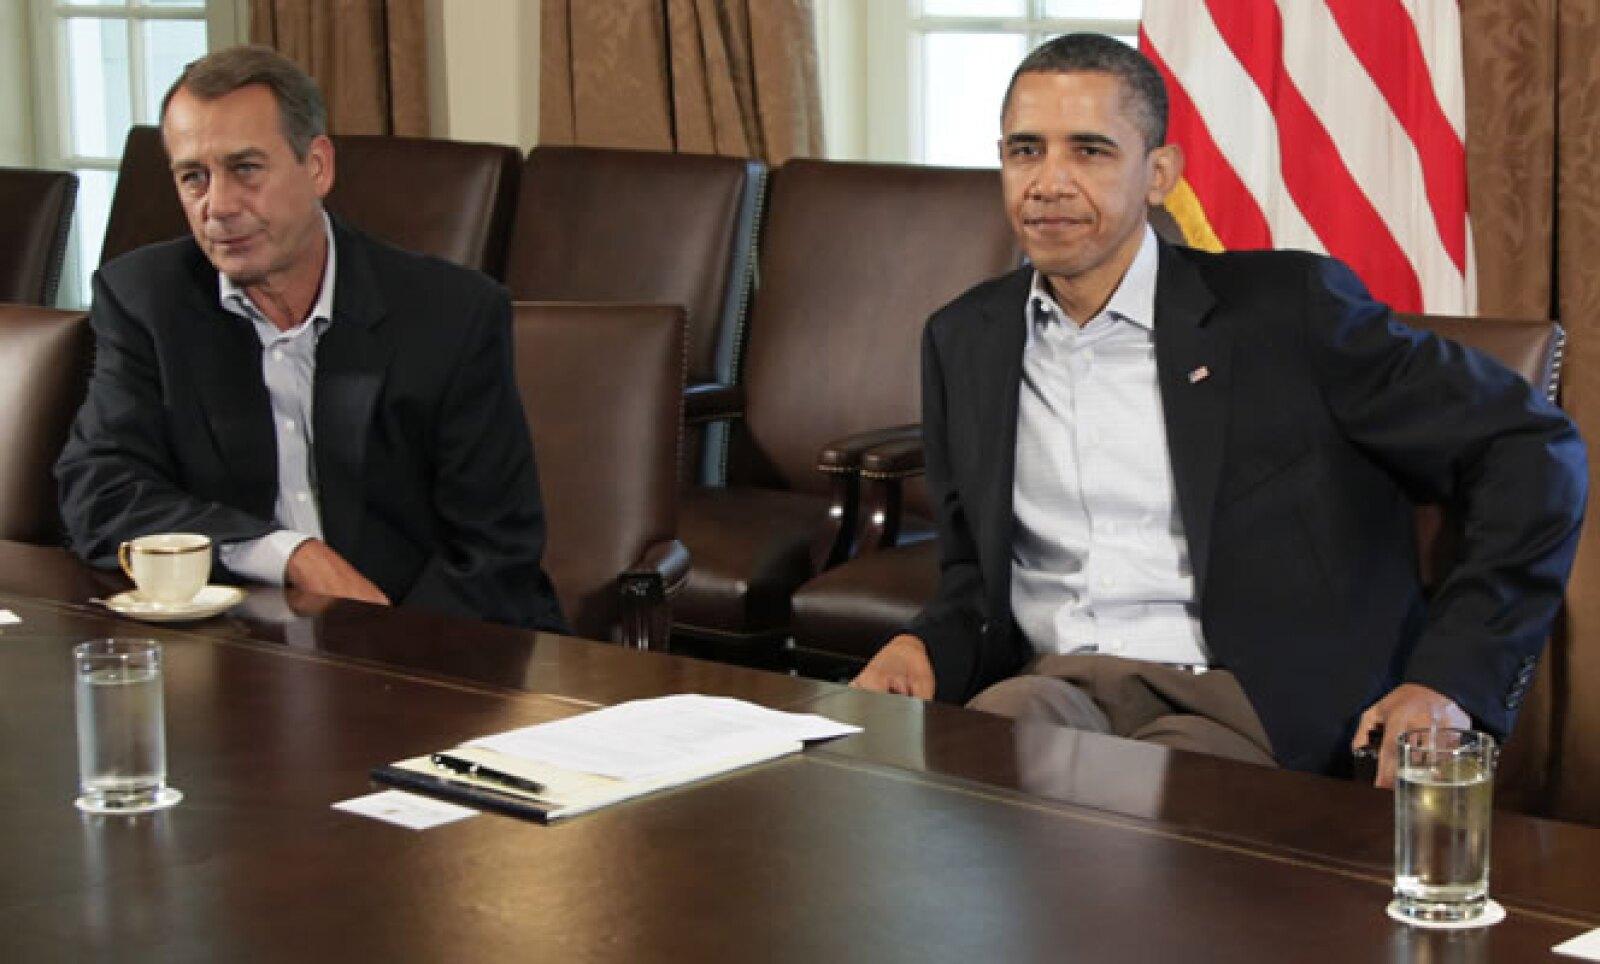 John Boehner, jefe de la Cámara de Representantes de Estados Unidos, rompió negociaciones con el presidente Barack Obama sobre el límite del endeudamiento de EU, lo que derivó en una degradación de la nota soberana por parte de Standard & Poor's.